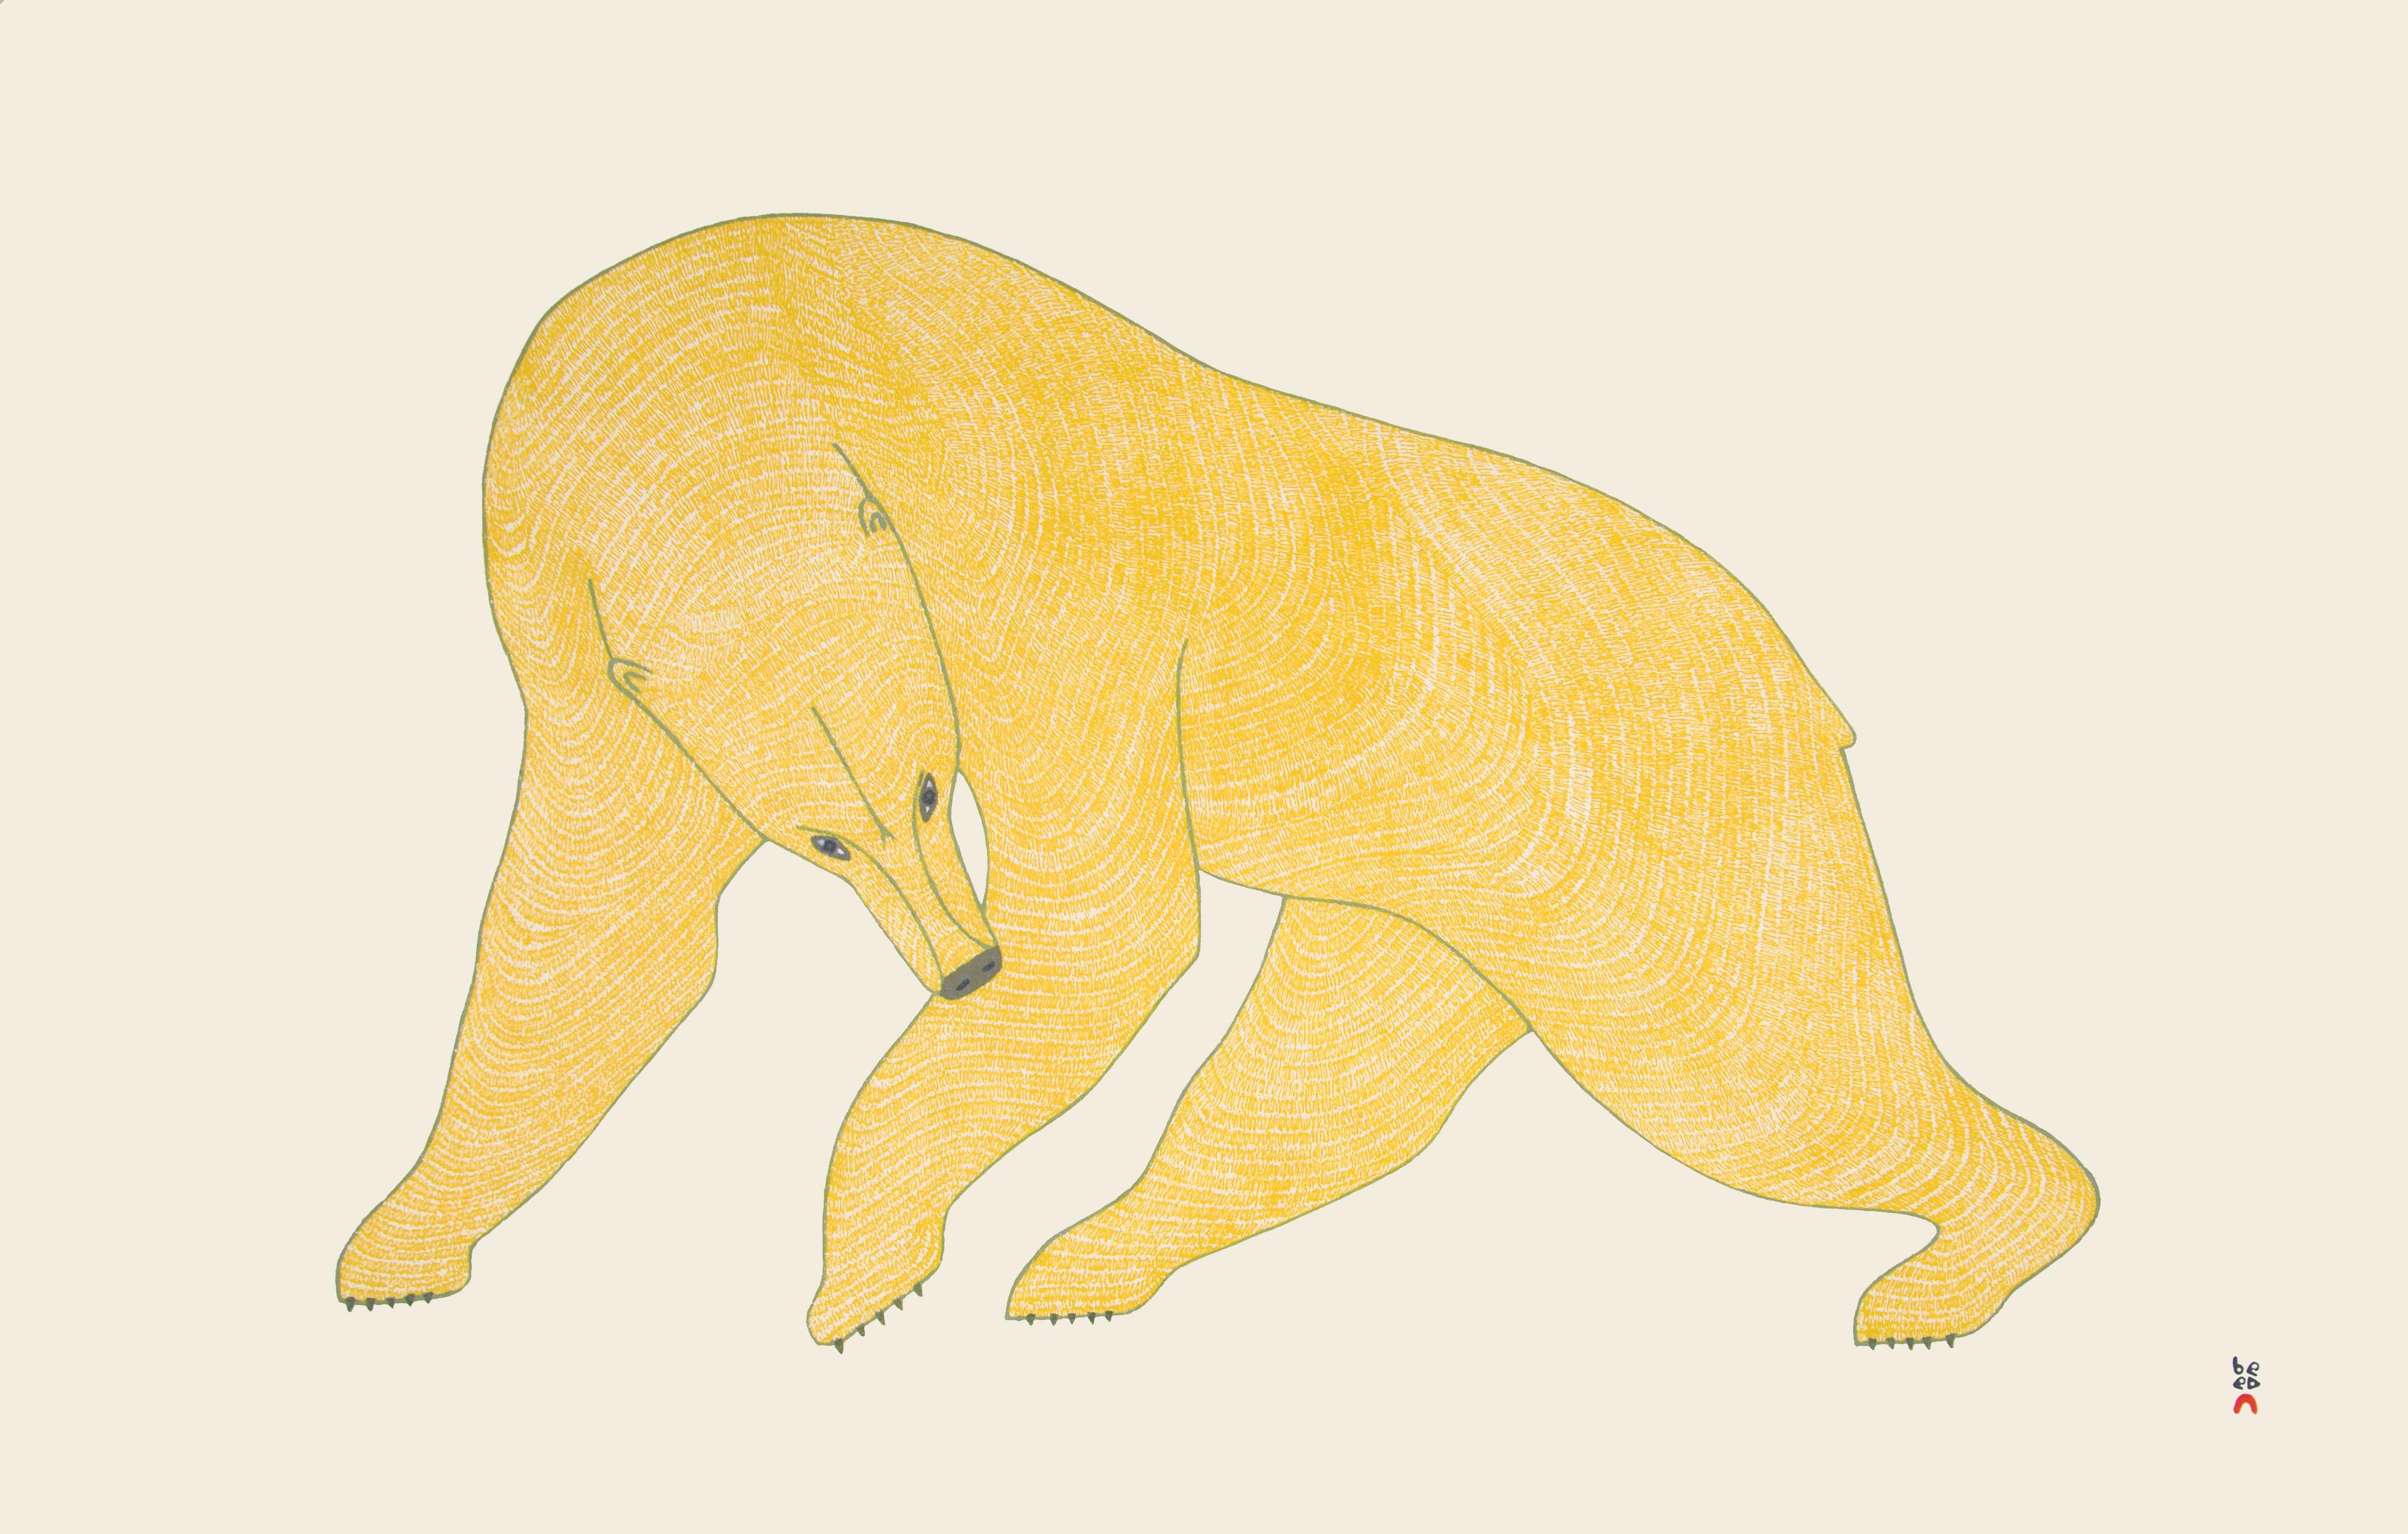 QUVIANAQTUK PUDLAT Mighty Bear Stonecut Printer: Qavavau Manumie 61.5 x 96.4 cm; 24 1/4 x 38 in. $960 US